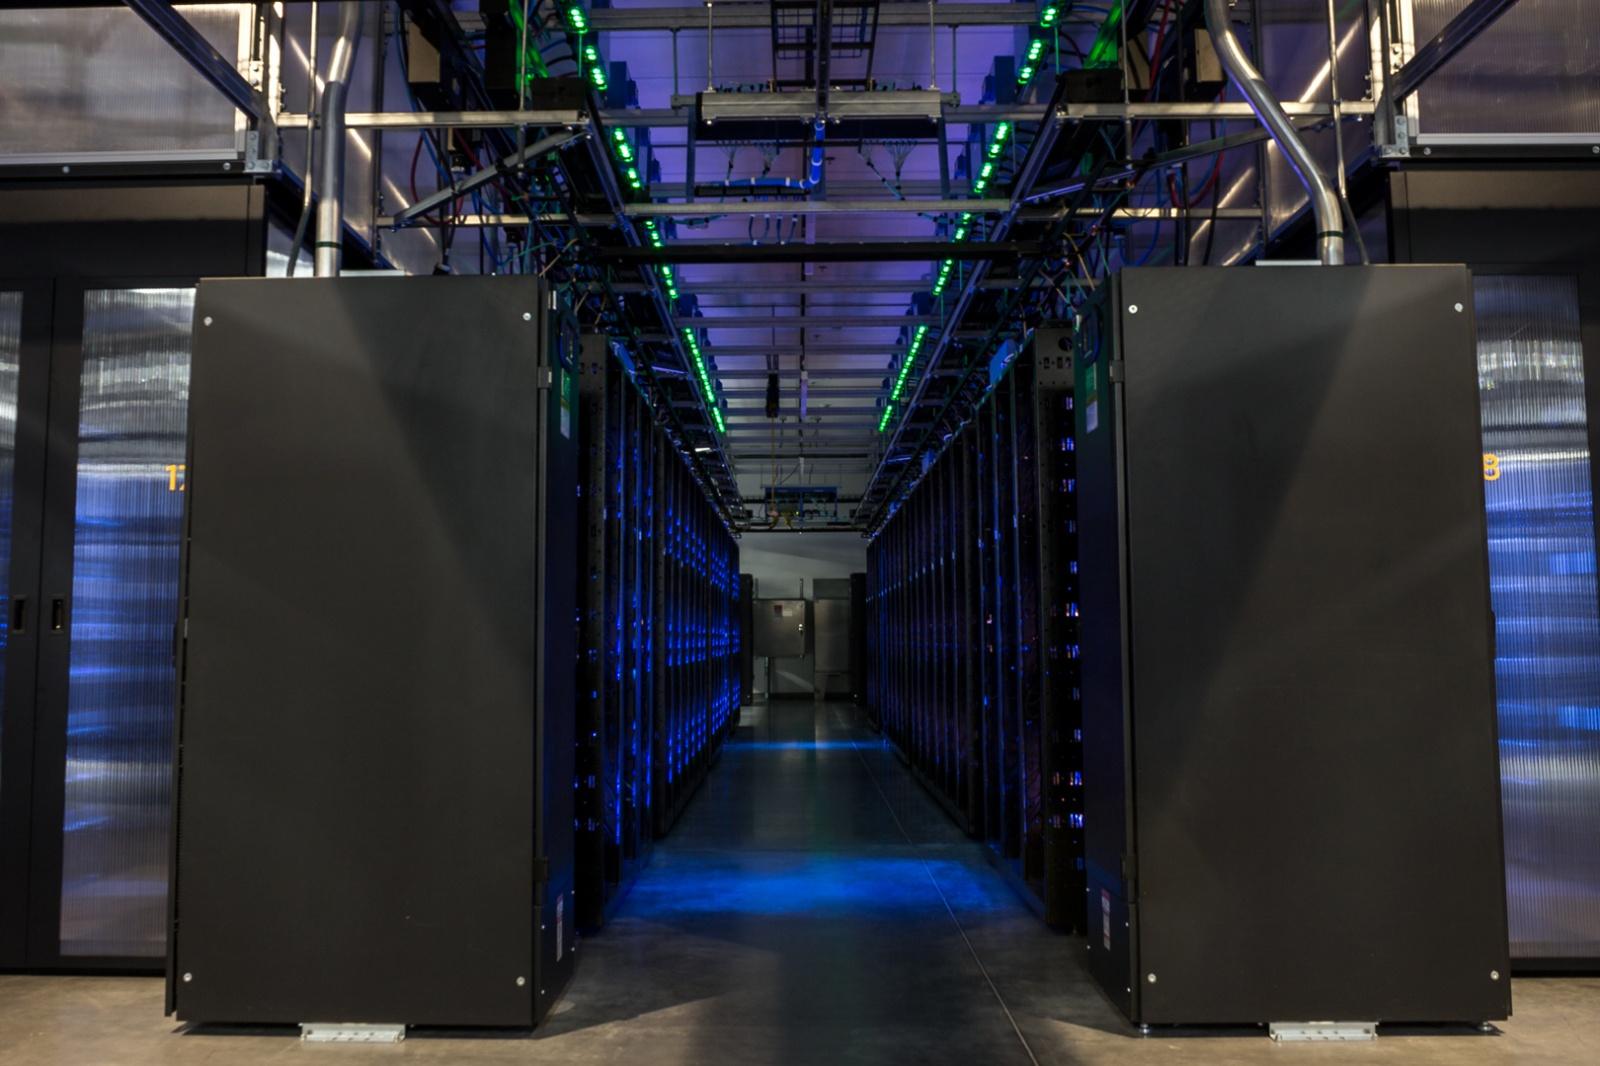 Центры обработки данных: вчера, сегодня, завтра | компьютерпресс